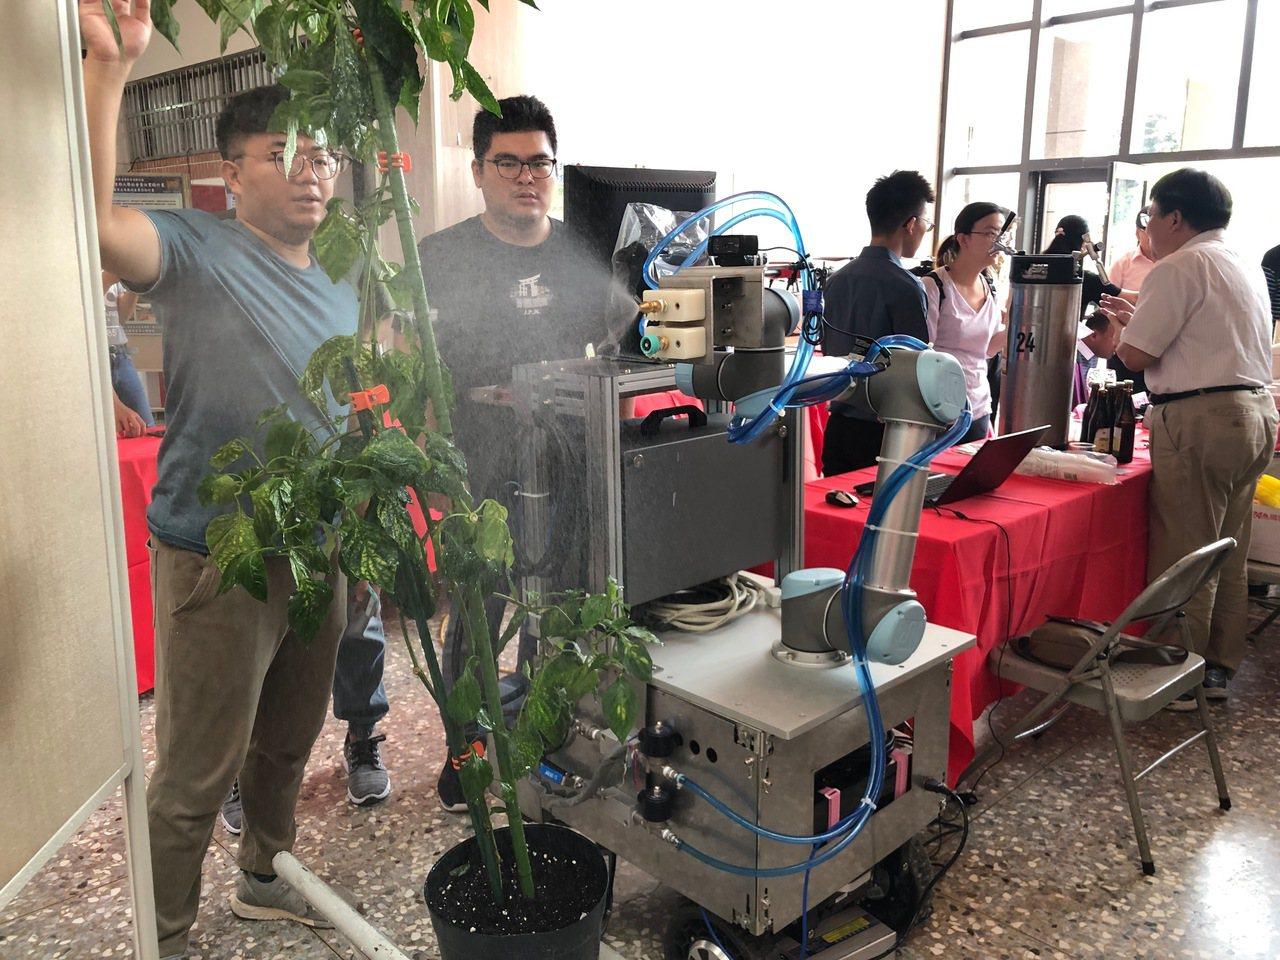 嘉義大學研發出甜椒栽培植保機器人,偵測到病蟲害就自動噴藥。記者李承穎/攝影